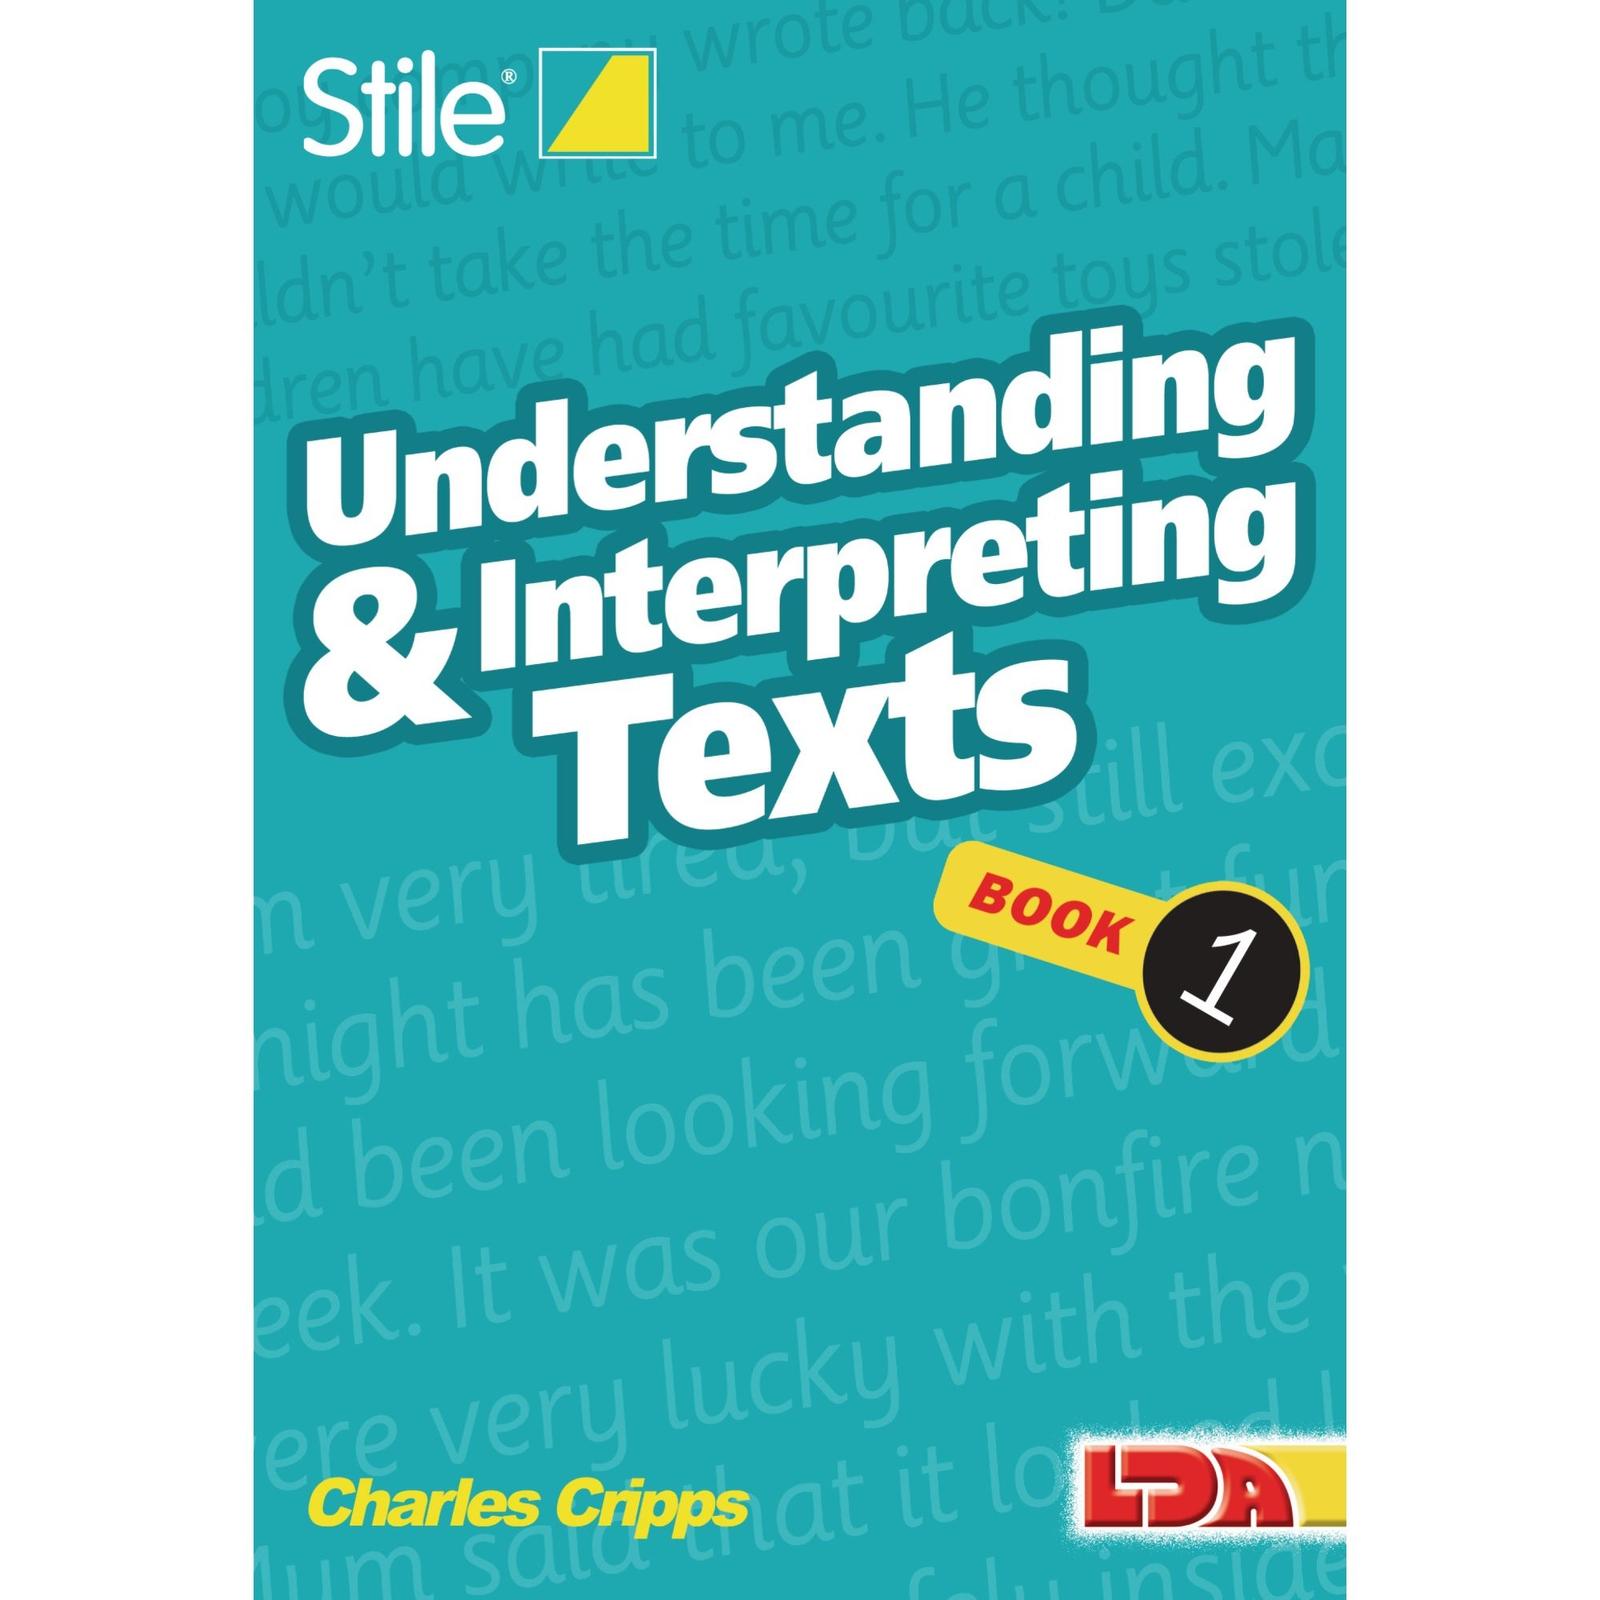 Stile Understanding & Interpreting Texts - Books 1-12